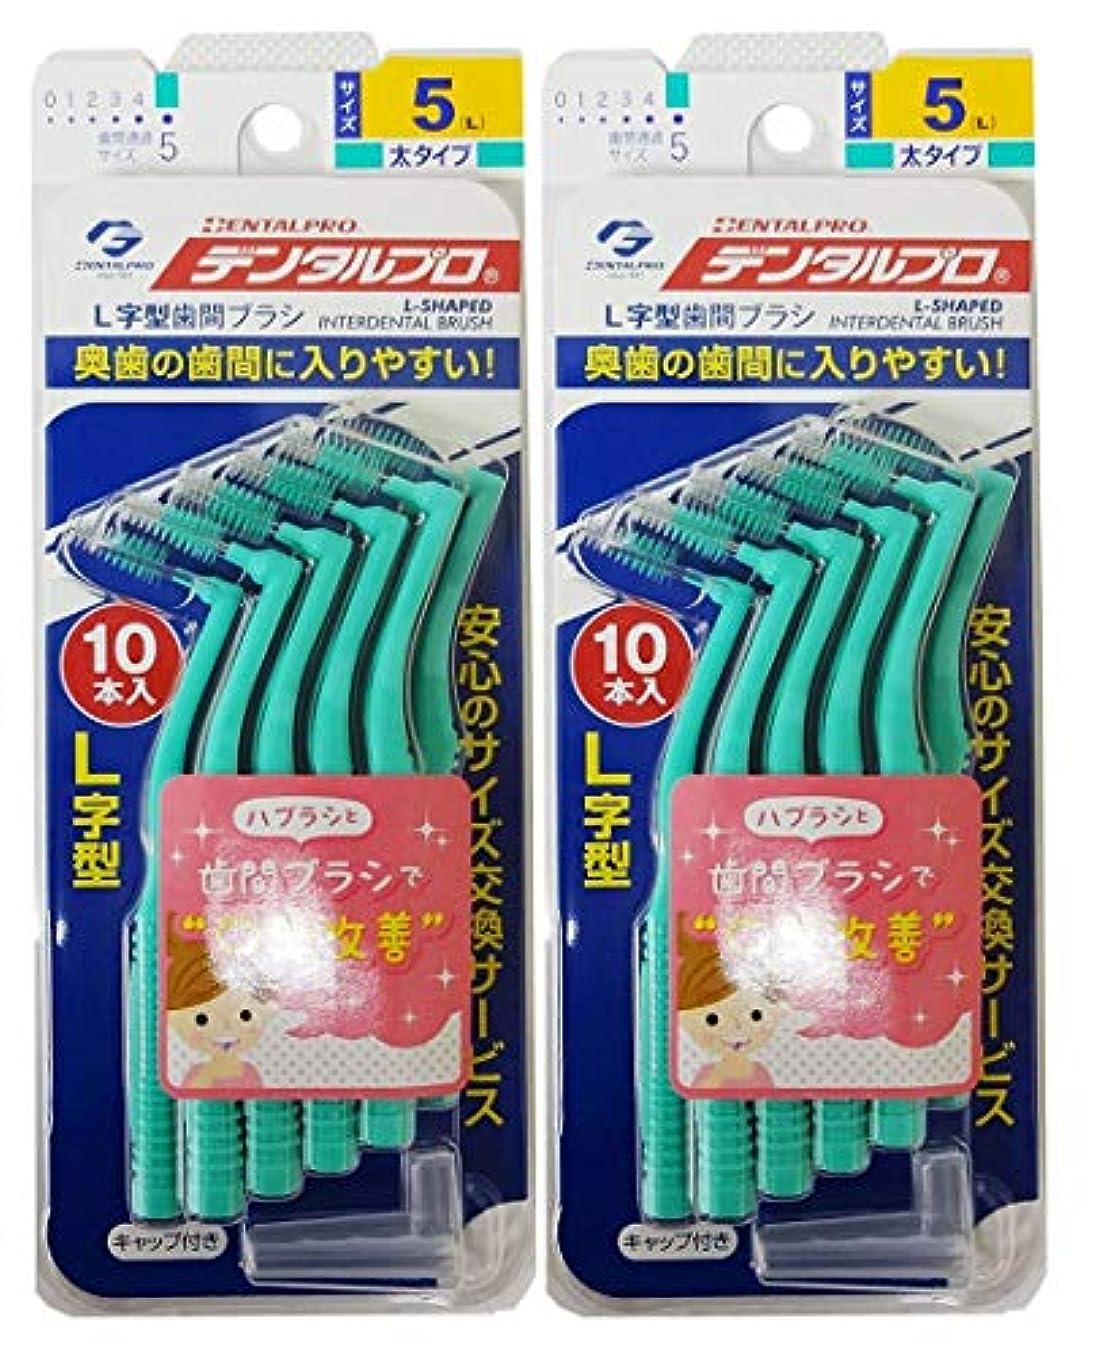 印象的な栄光の付与デンタルプロ 歯間ブラシ L字型 サイズ5(L) 10本入り × 2個セット